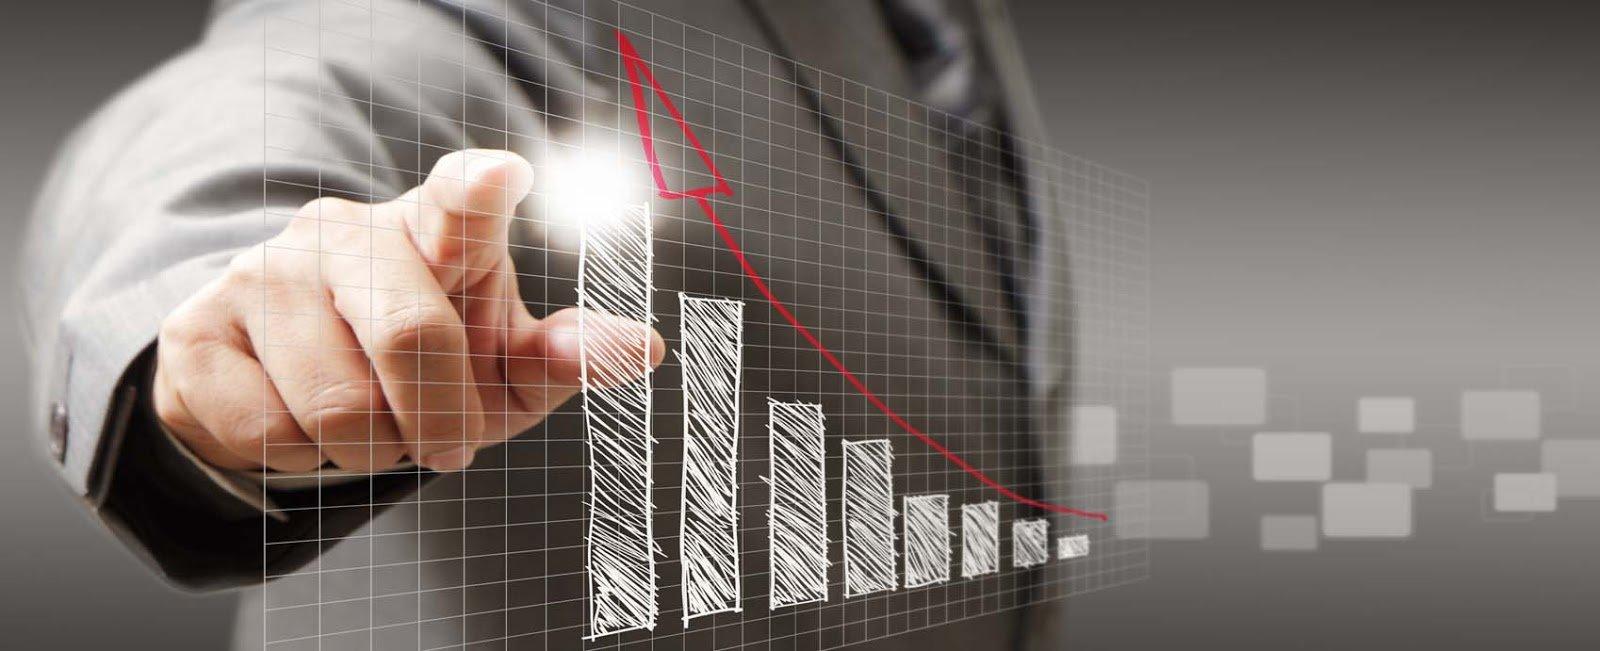 Trading online o investimenti fissi. Cosa scegliere?